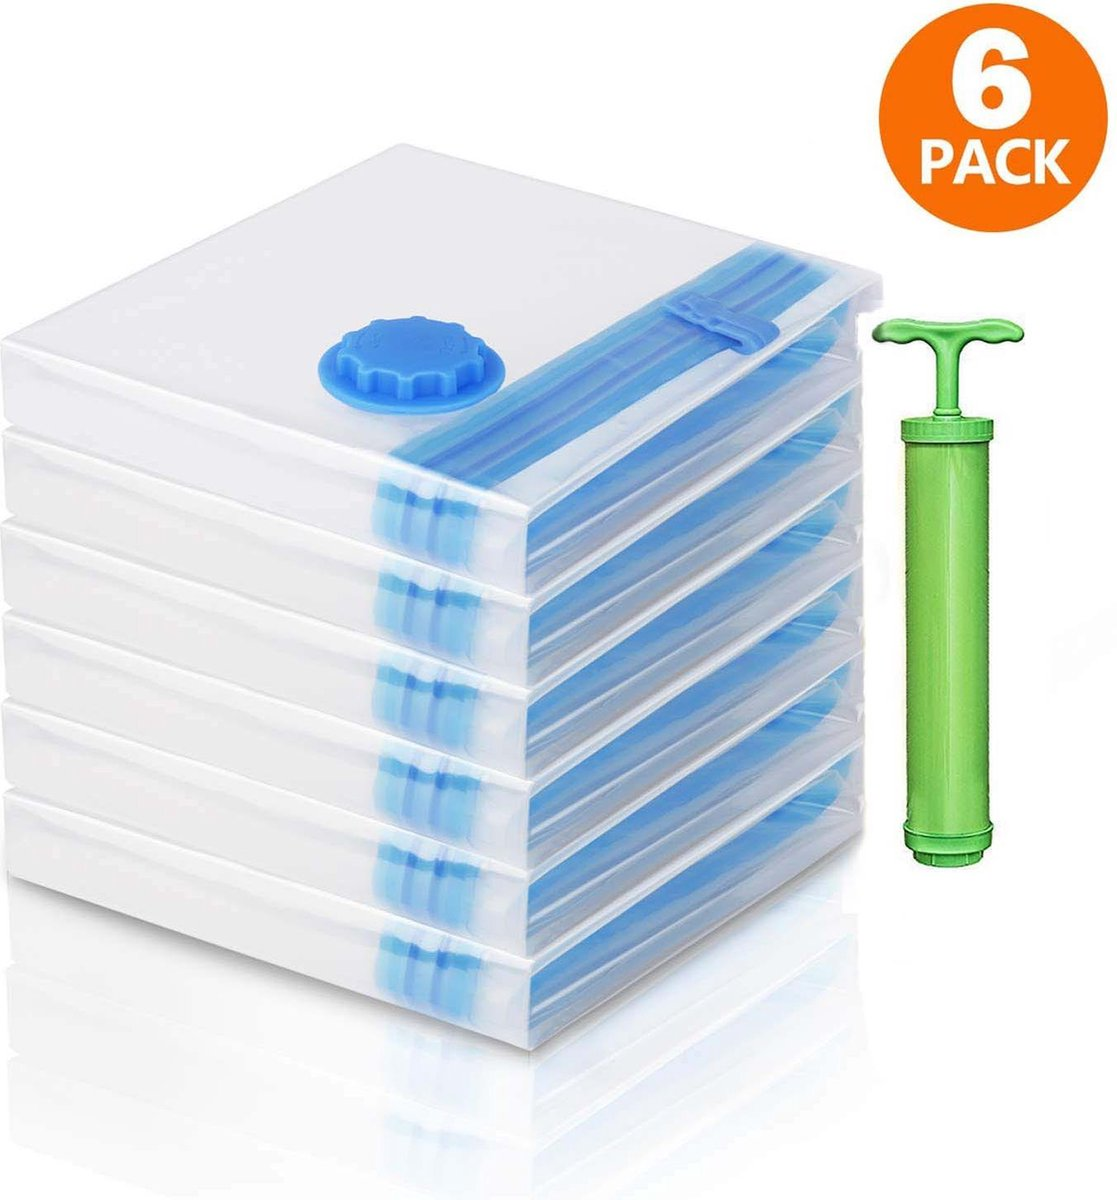 Vacuum opbergzakken 6 stuks   Vacu mzakken - Reis Opbergzakken   Travel bag - 2 x Small, 2 x Medium,